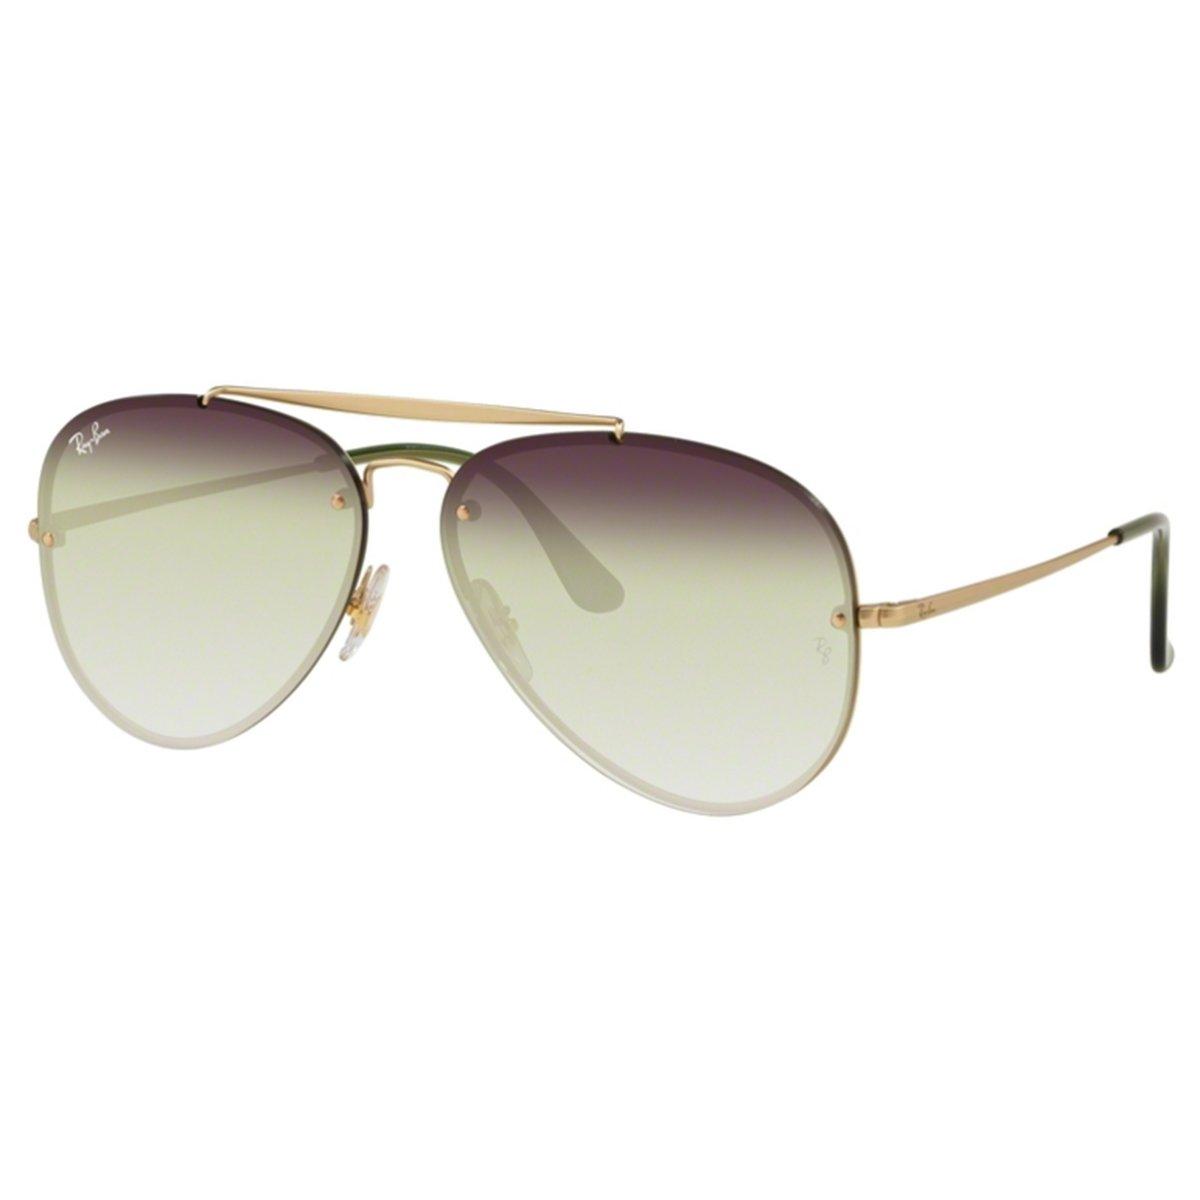 Compre Óculos de Sol Ray Ban Blaze Aviator em 10X   Tri-Jóia Shop 988ce883a7